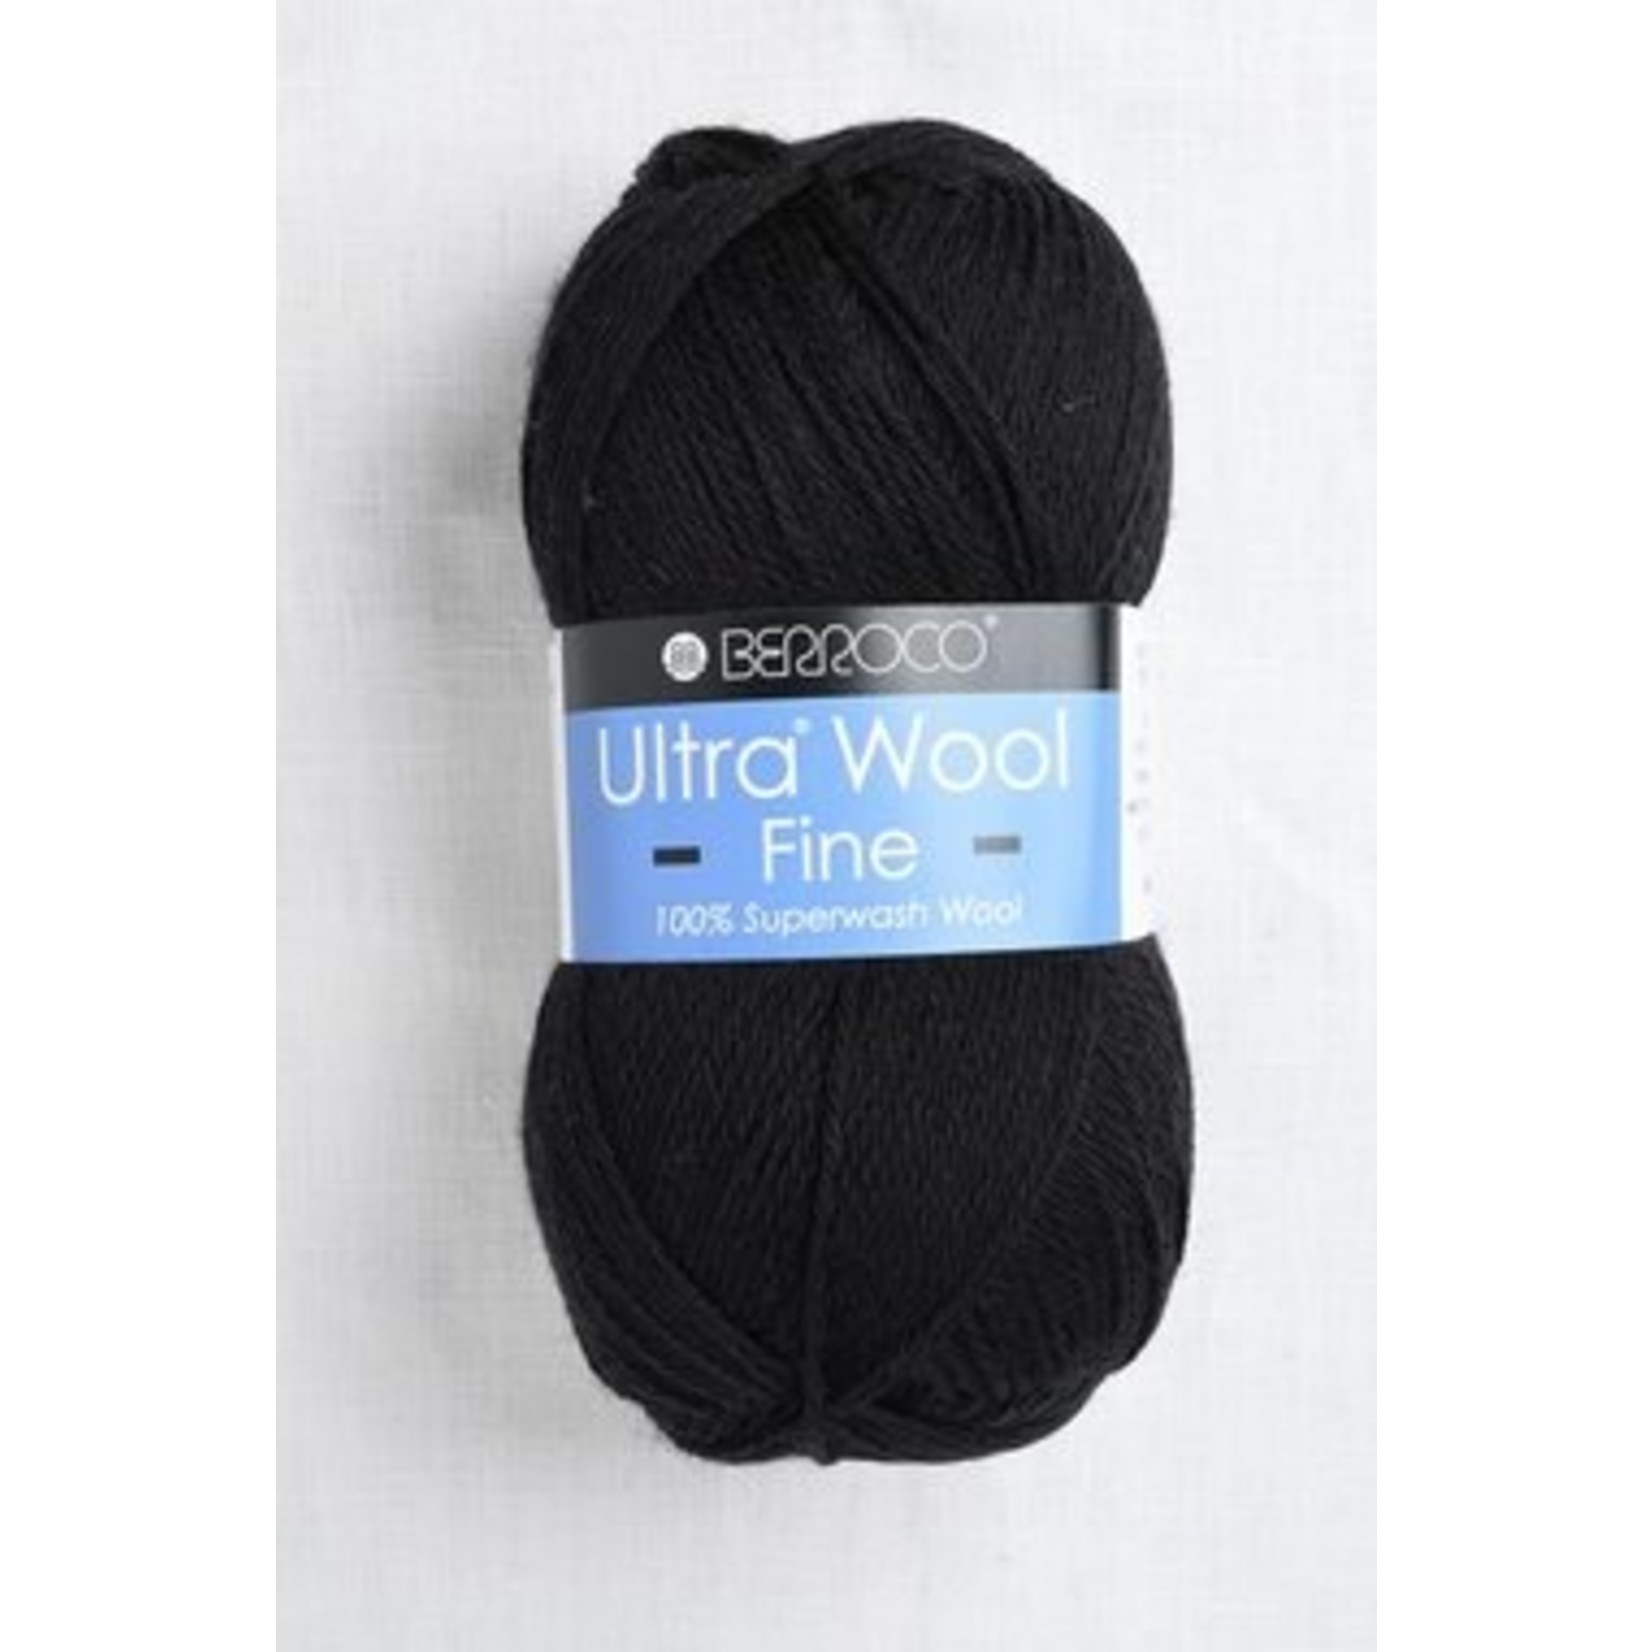 Berroco Berroco Ultra Wool Fine, 5334, Cast Iron